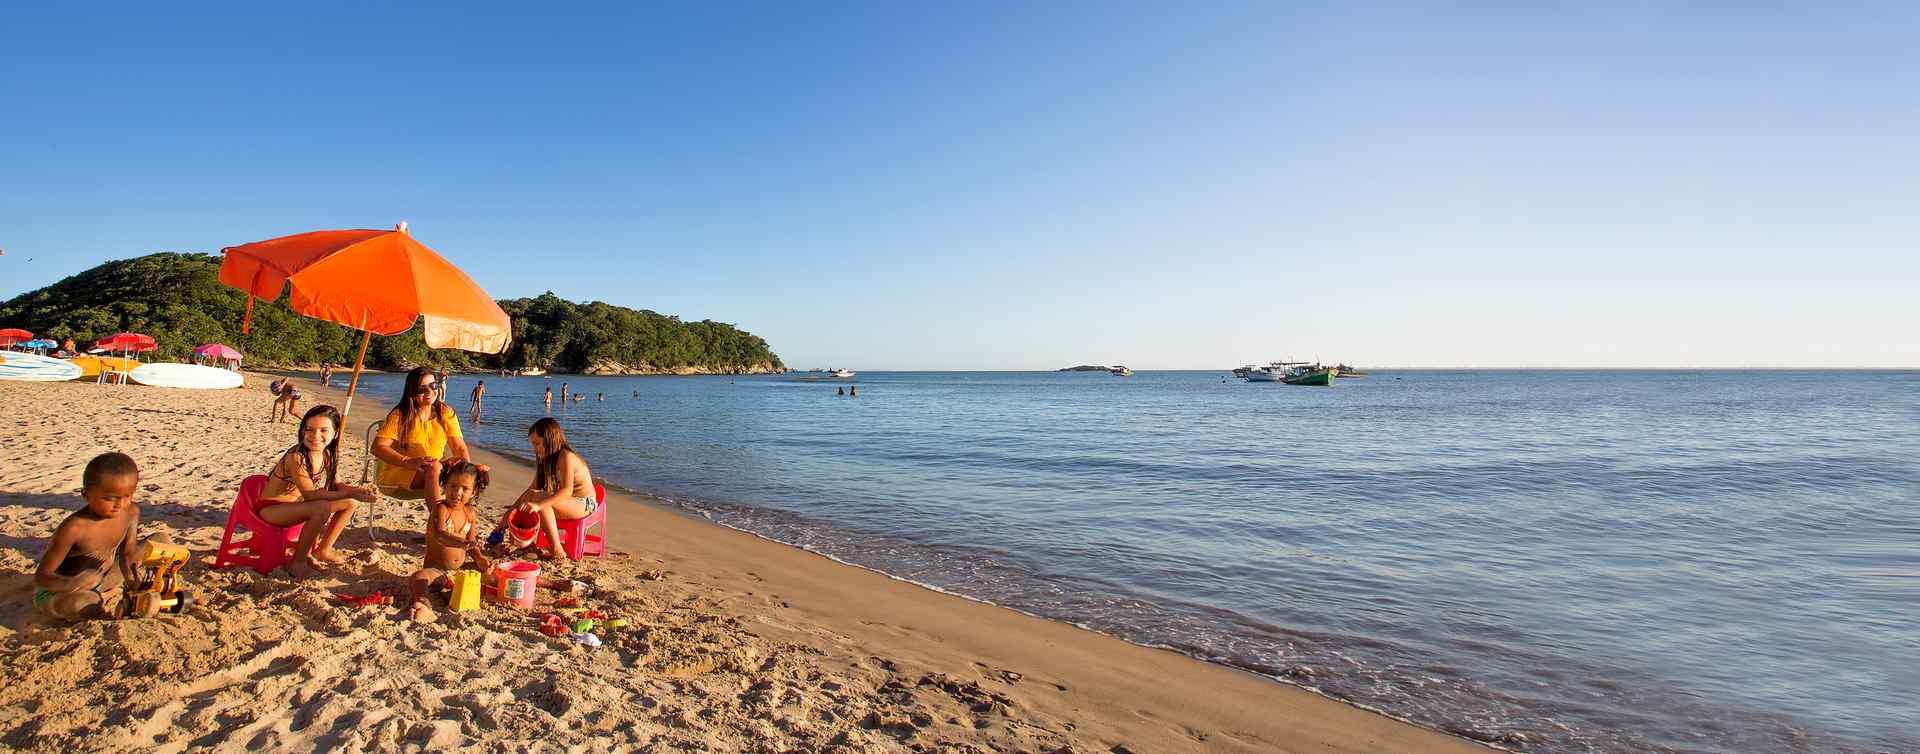 Família em um dia de sol na praia em baixo de um guarda-sol esquerda em primeiro plano, já em segundo plano outras barradas na areia, em terceiro plano pedras e vegetações. O mar a direita com algumas embarcações âncoradas